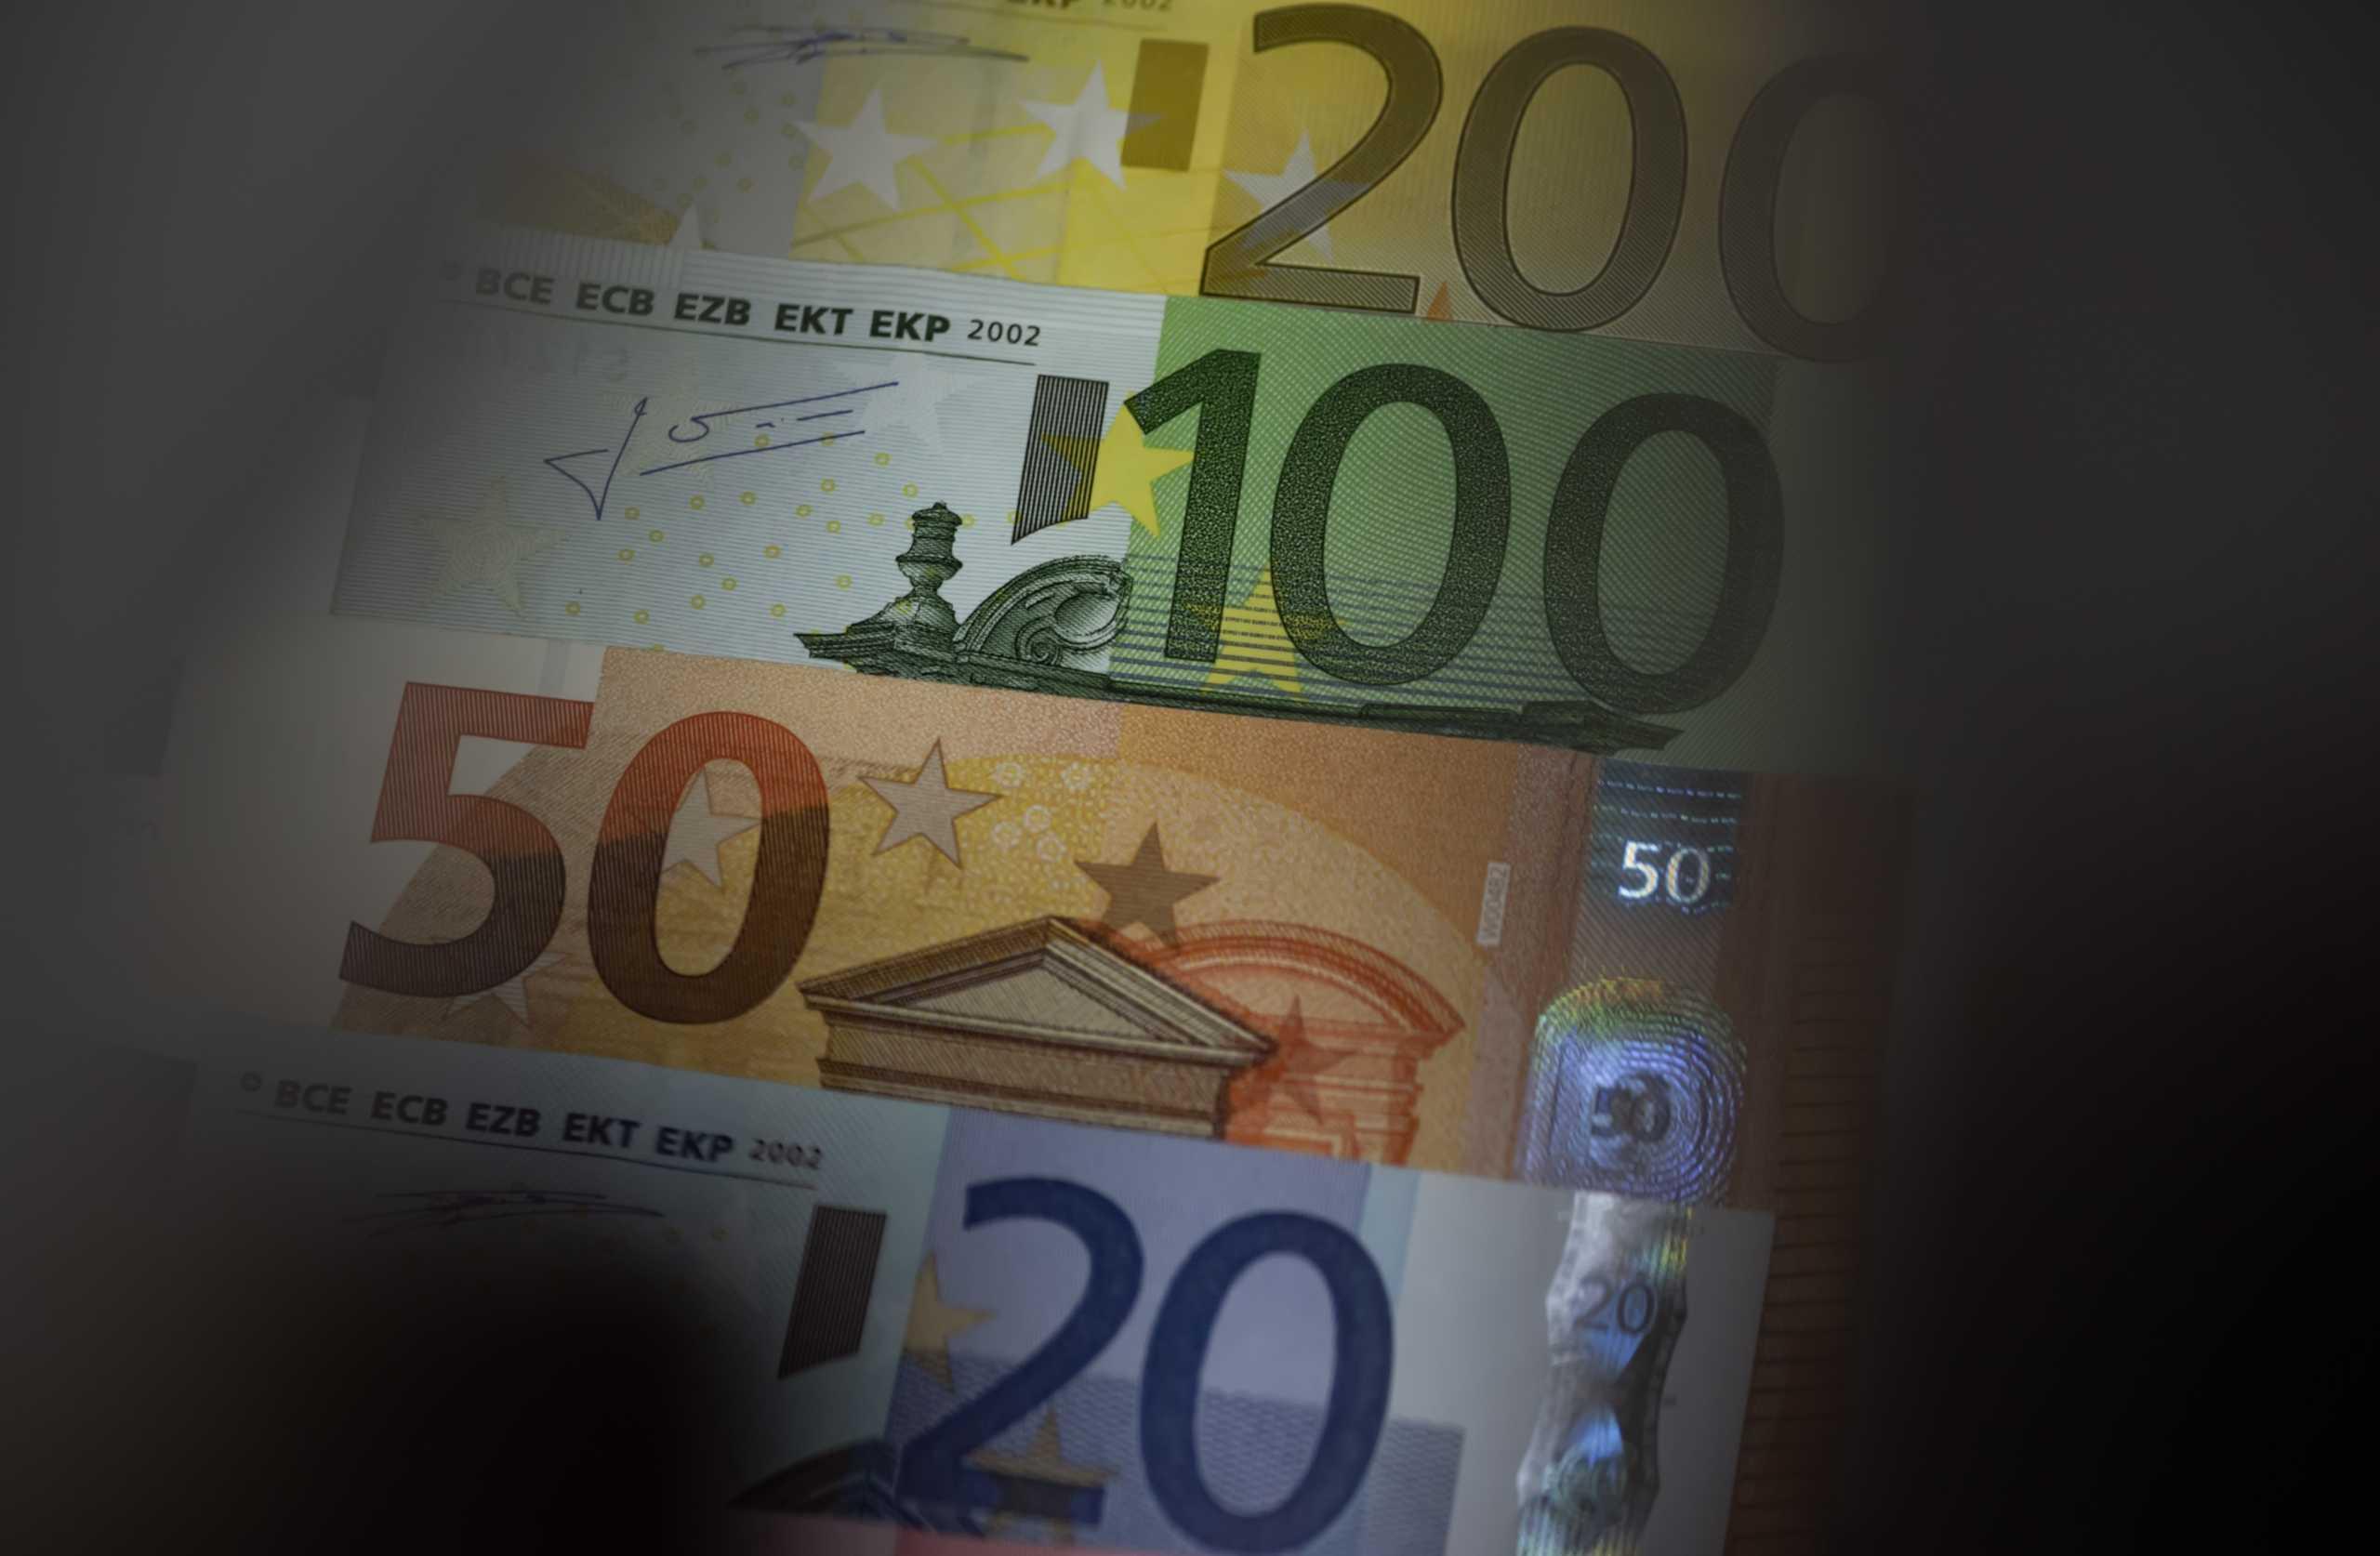 Πότε καταβάλλονται επίδομα 534 ευρώ, επίδομα ανεργίας, αναδρομικά κληρονόμων και δώρο Χριστουγέννων